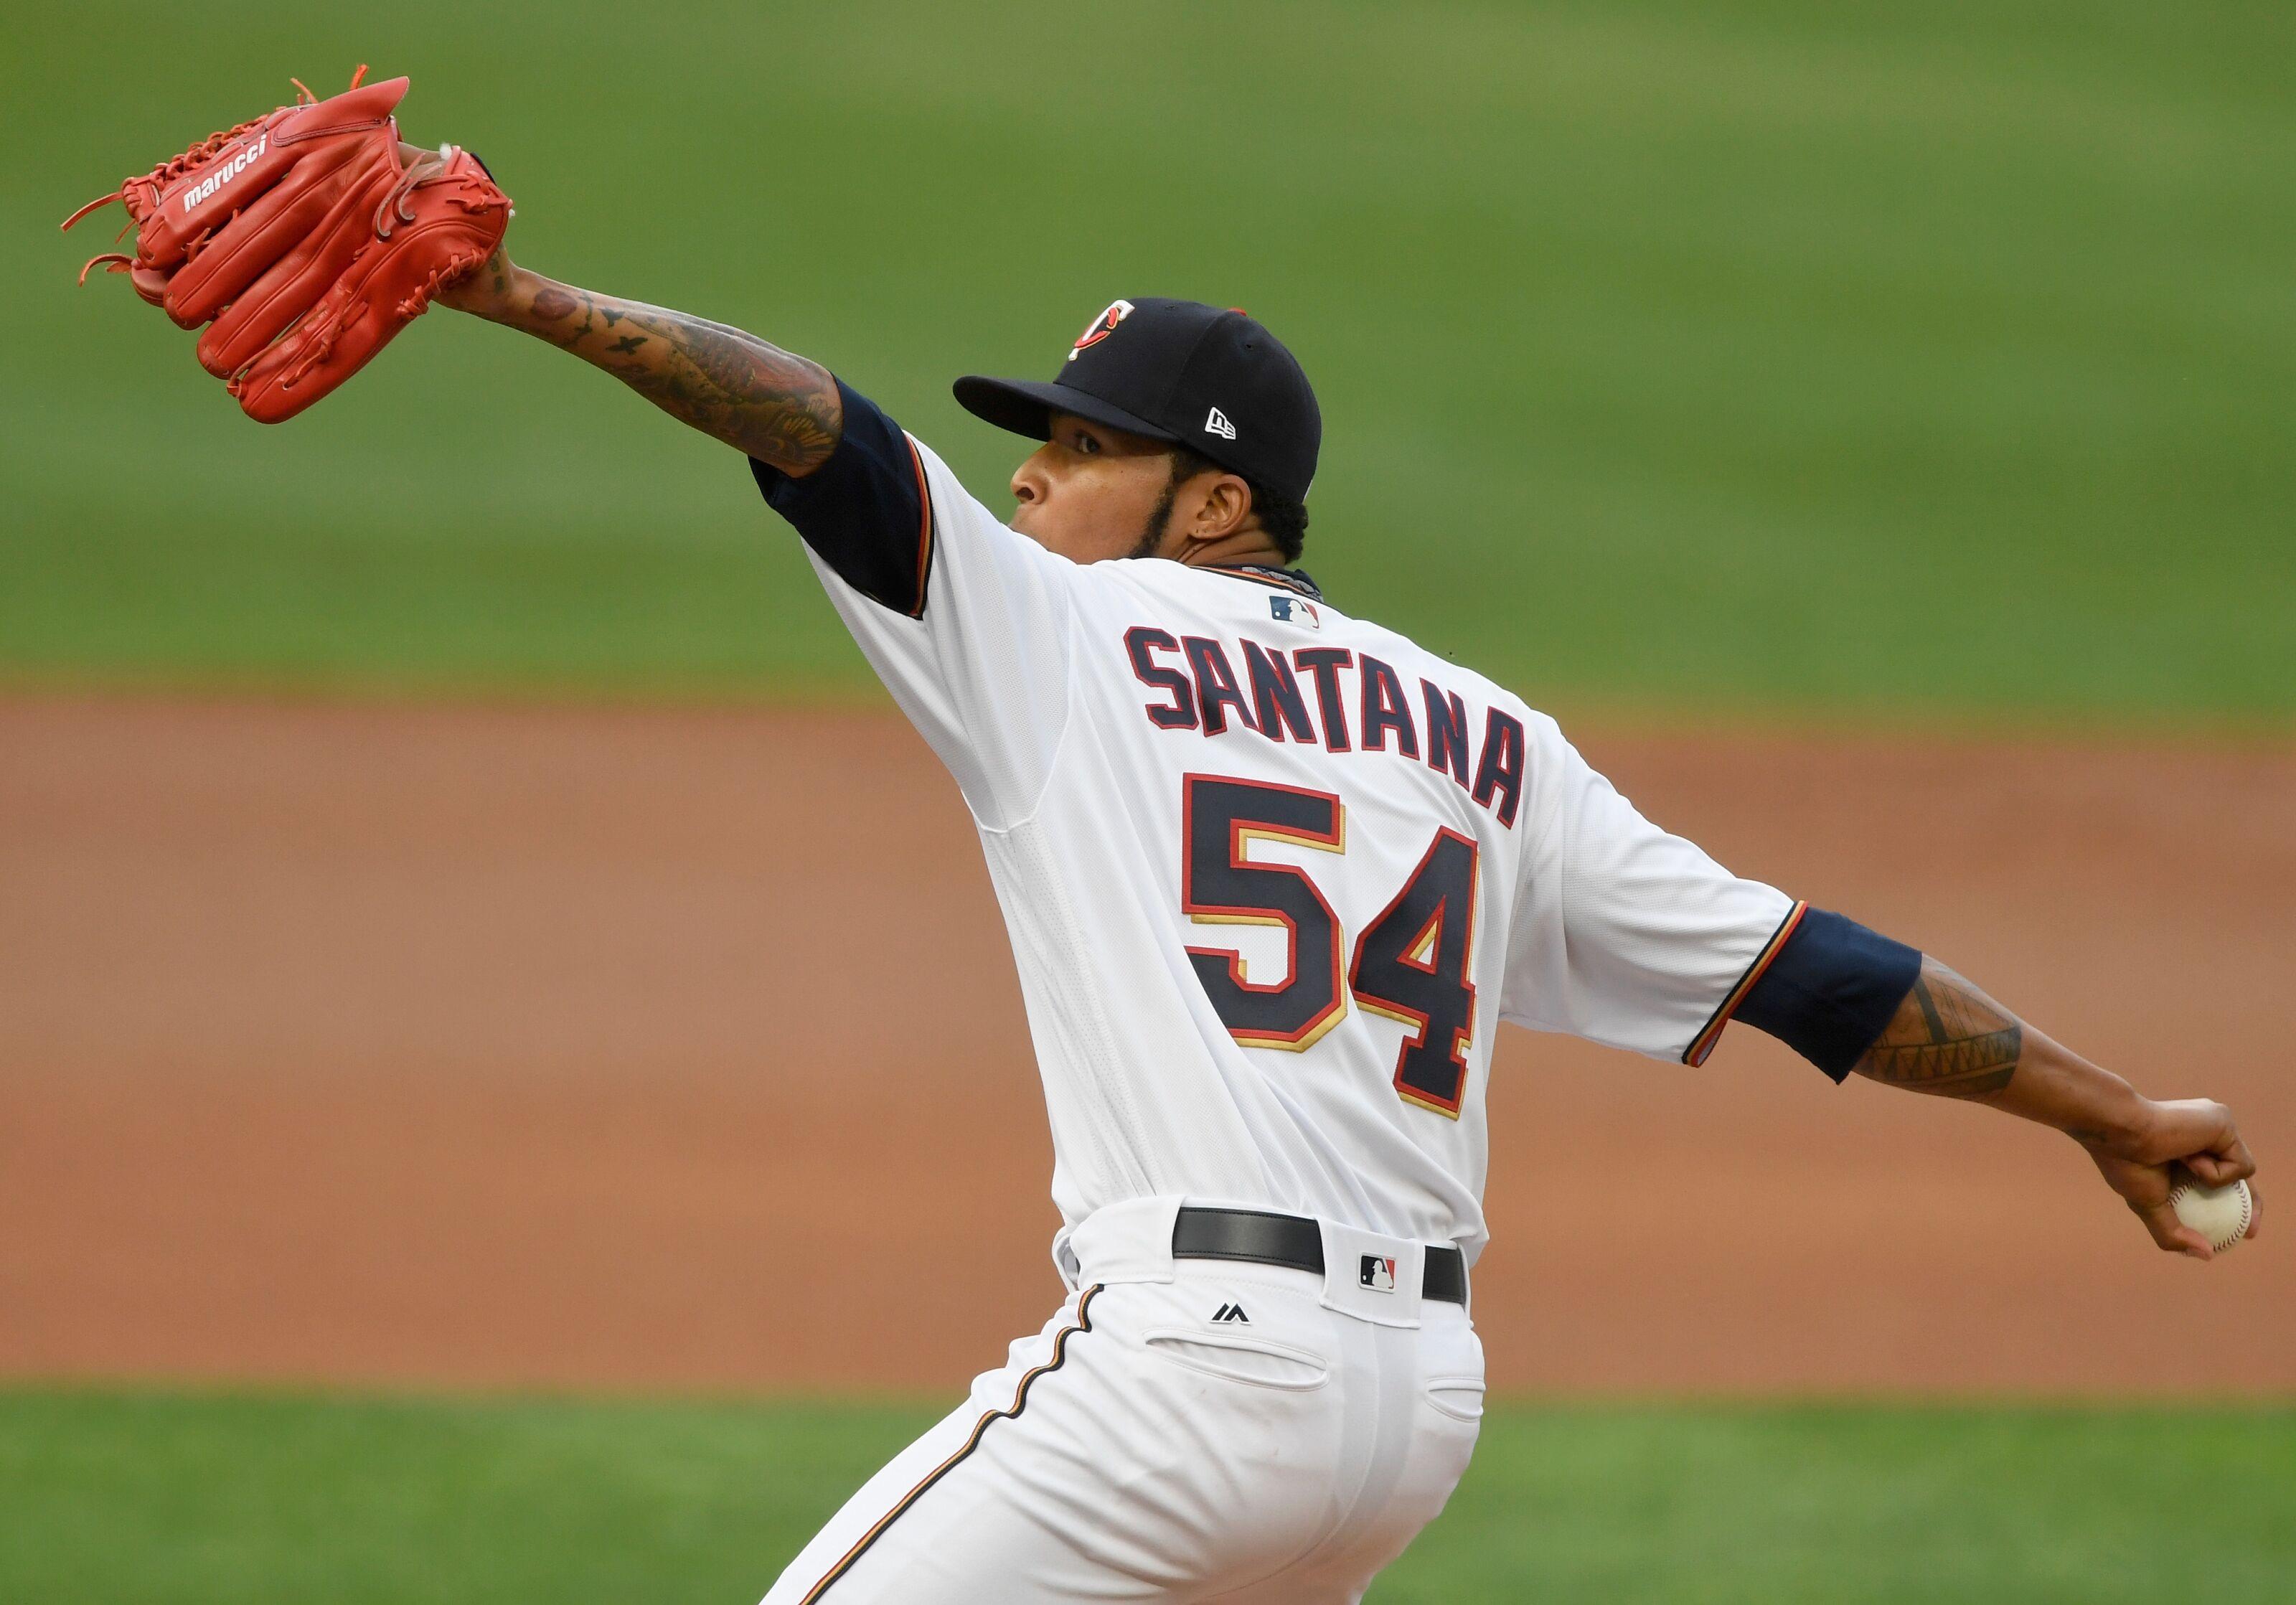 Chicago White Sox add needed veteran starter in Ervin Santana